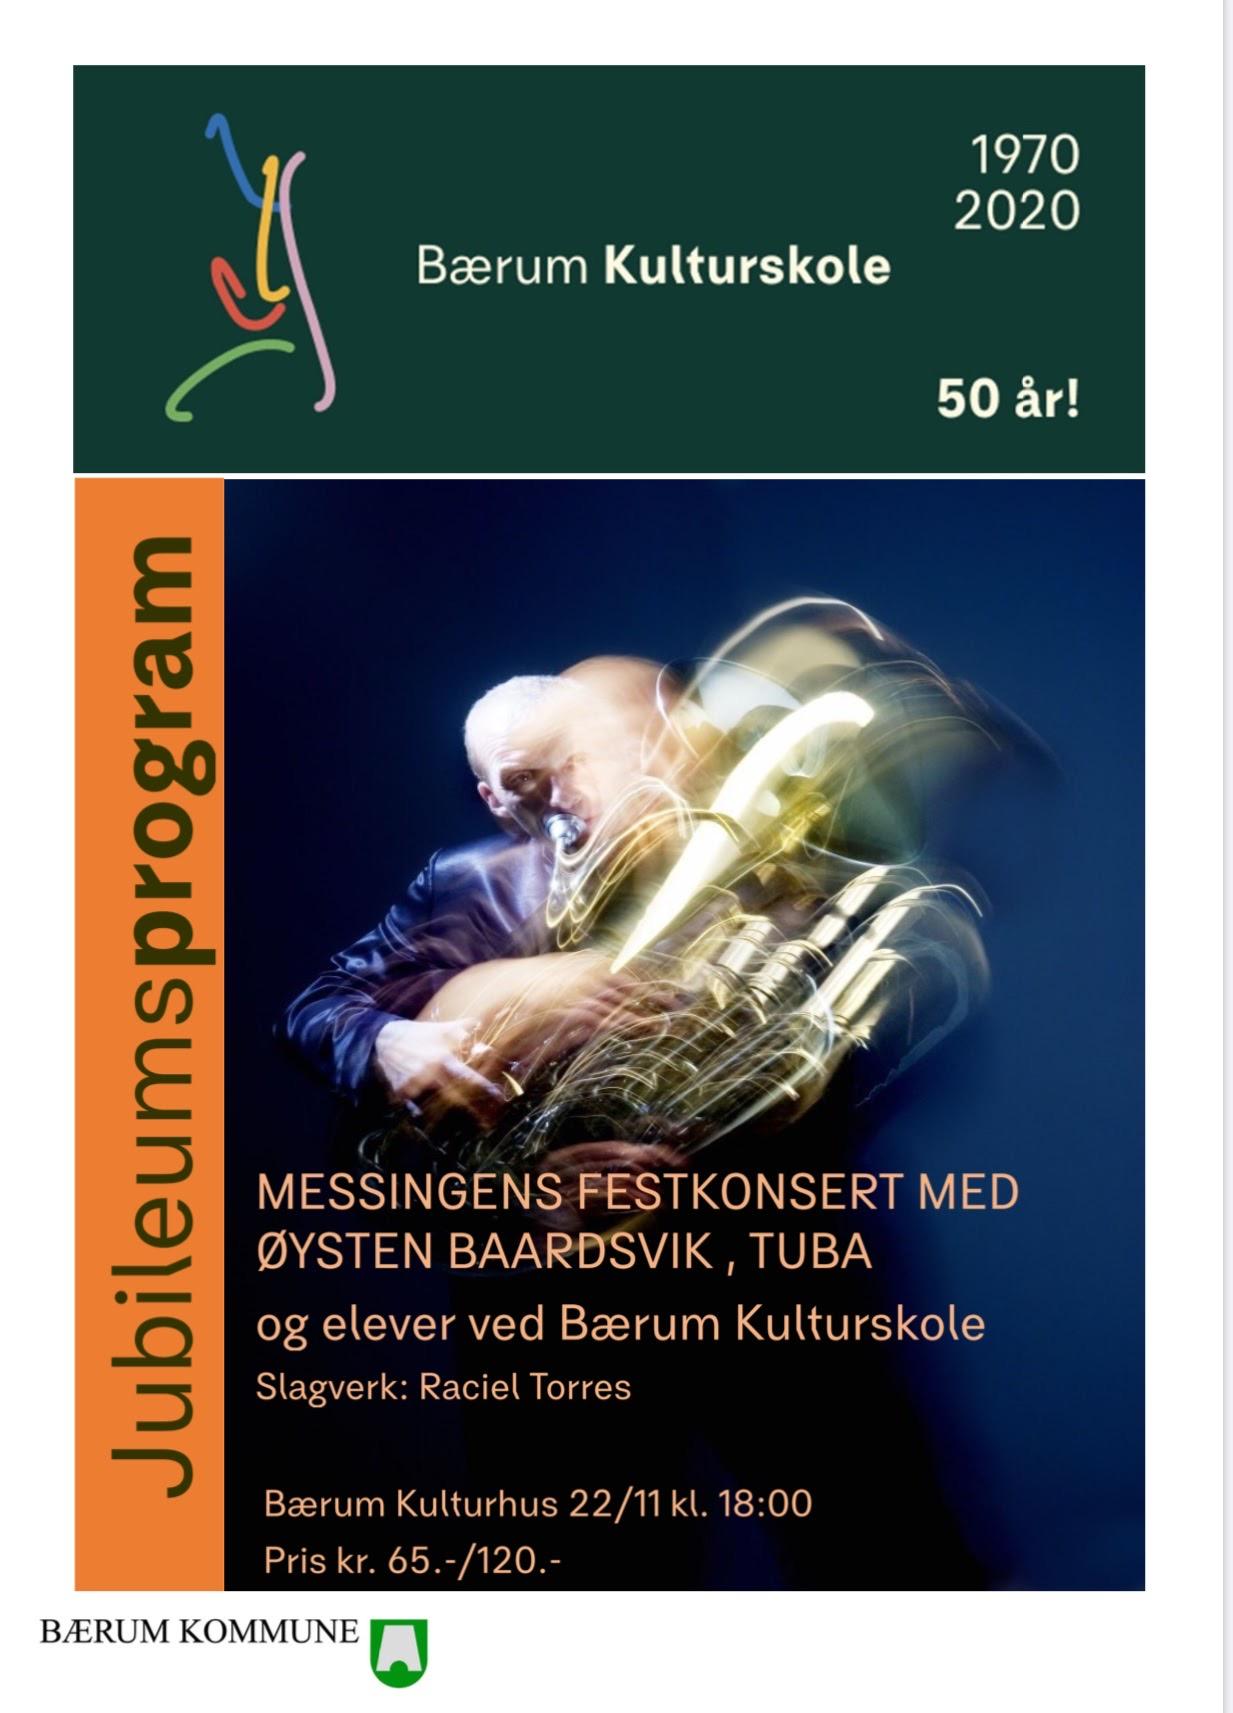 Bærum kulturskole 50 år Festkonserten med Øystein Baadsvik som solist